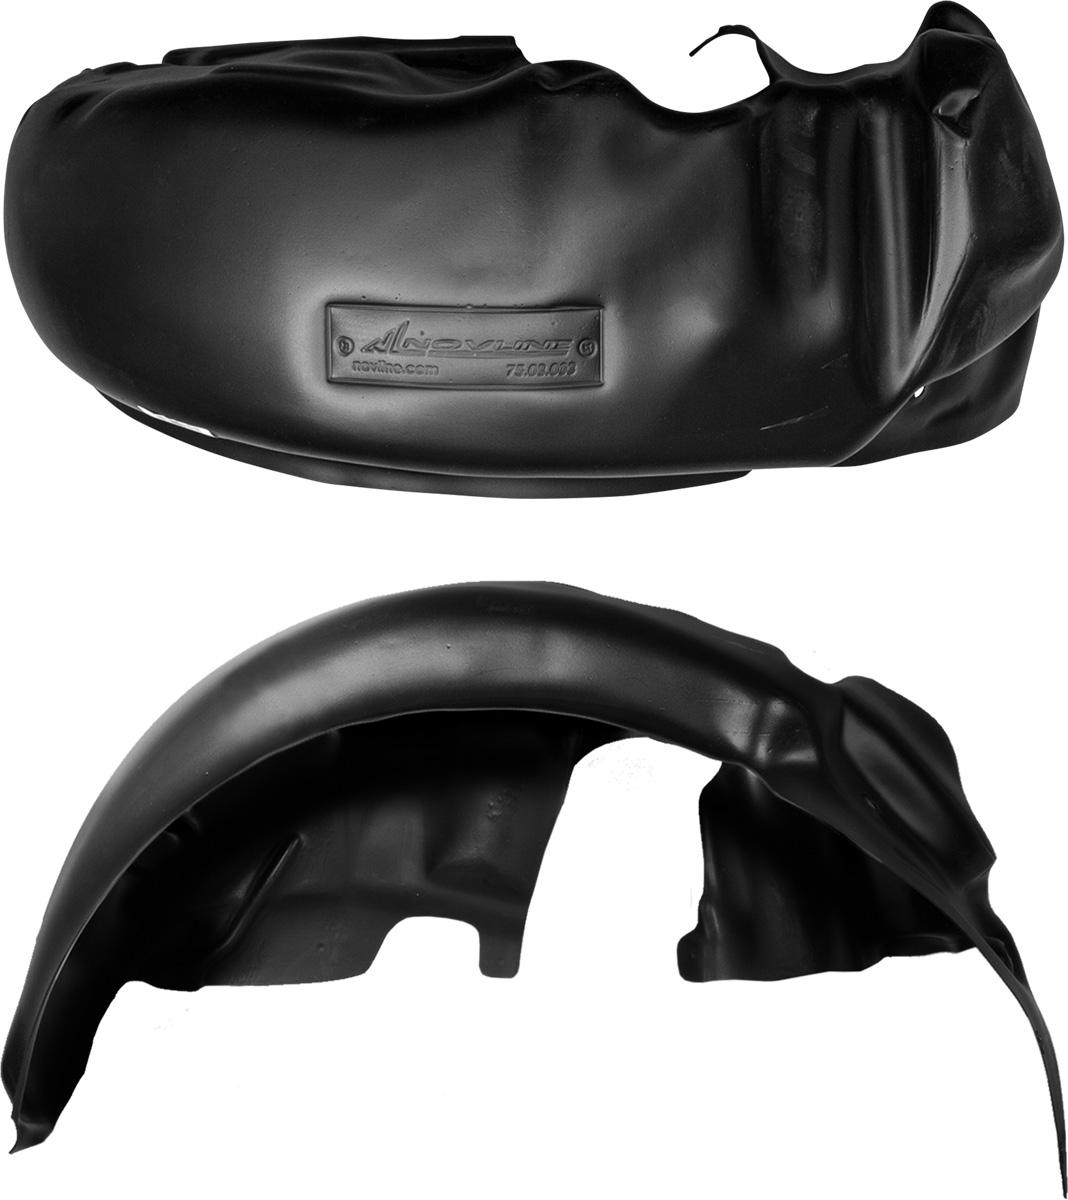 Подкрылок Novline-Autofamily, для Mazda CX-5, 2012-2015, задний правыйNLS.52.33.002Колесные ниши - одни из самых уязвимых зон днища вашего автомобиля. Они постоянно подвергаются воздействию со стороны дороги. Лучшая, почти абсолютная защита для них - специально отформованные пластиковые кожухи, которые называются подкрылками. Производятся они как для отечественных моделей автомобилей, так и для иномарок. Подкрылки Novline-Autofamily выполнены из высококачественного, экологически чистого пластика. Обеспечивают надежную защиту кузова автомобиля от пескоструйного эффекта и негативного влияния, агрессивных антигололедных реагентов. Пластик обладает более низкой теплопроводностью, чем металл, поэтому в зимний период эксплуатации использование пластиковых подкрылков позволяет лучше защитить колесные ниши от налипания снега и образования наледи. Оригинальность конструкции подчеркивает элегантность автомобиля, бережно защищает нанесенное на днище кузова антикоррозийное покрытие и позволяет осуществить крепление подкрылков внутри колесной арки практически без дополнительного крепежа и сверления, не нарушая при этом лакокрасочного покрытия, что предотвращает возникновение новых очагов коррозии. Подкрылки долговечны, обладают высокой прочностью и сохраняют заданную форму, а также все свои физико-механические характеристики в самых тяжелых климатических условиях (от -50°С до +50°С).Уважаемые клиенты!Обращаем ваше внимание, на тот факт, что подкрылок имеет форму, соответствующую модели данного автомобиля. Фото служит для визуального восприятия товара.